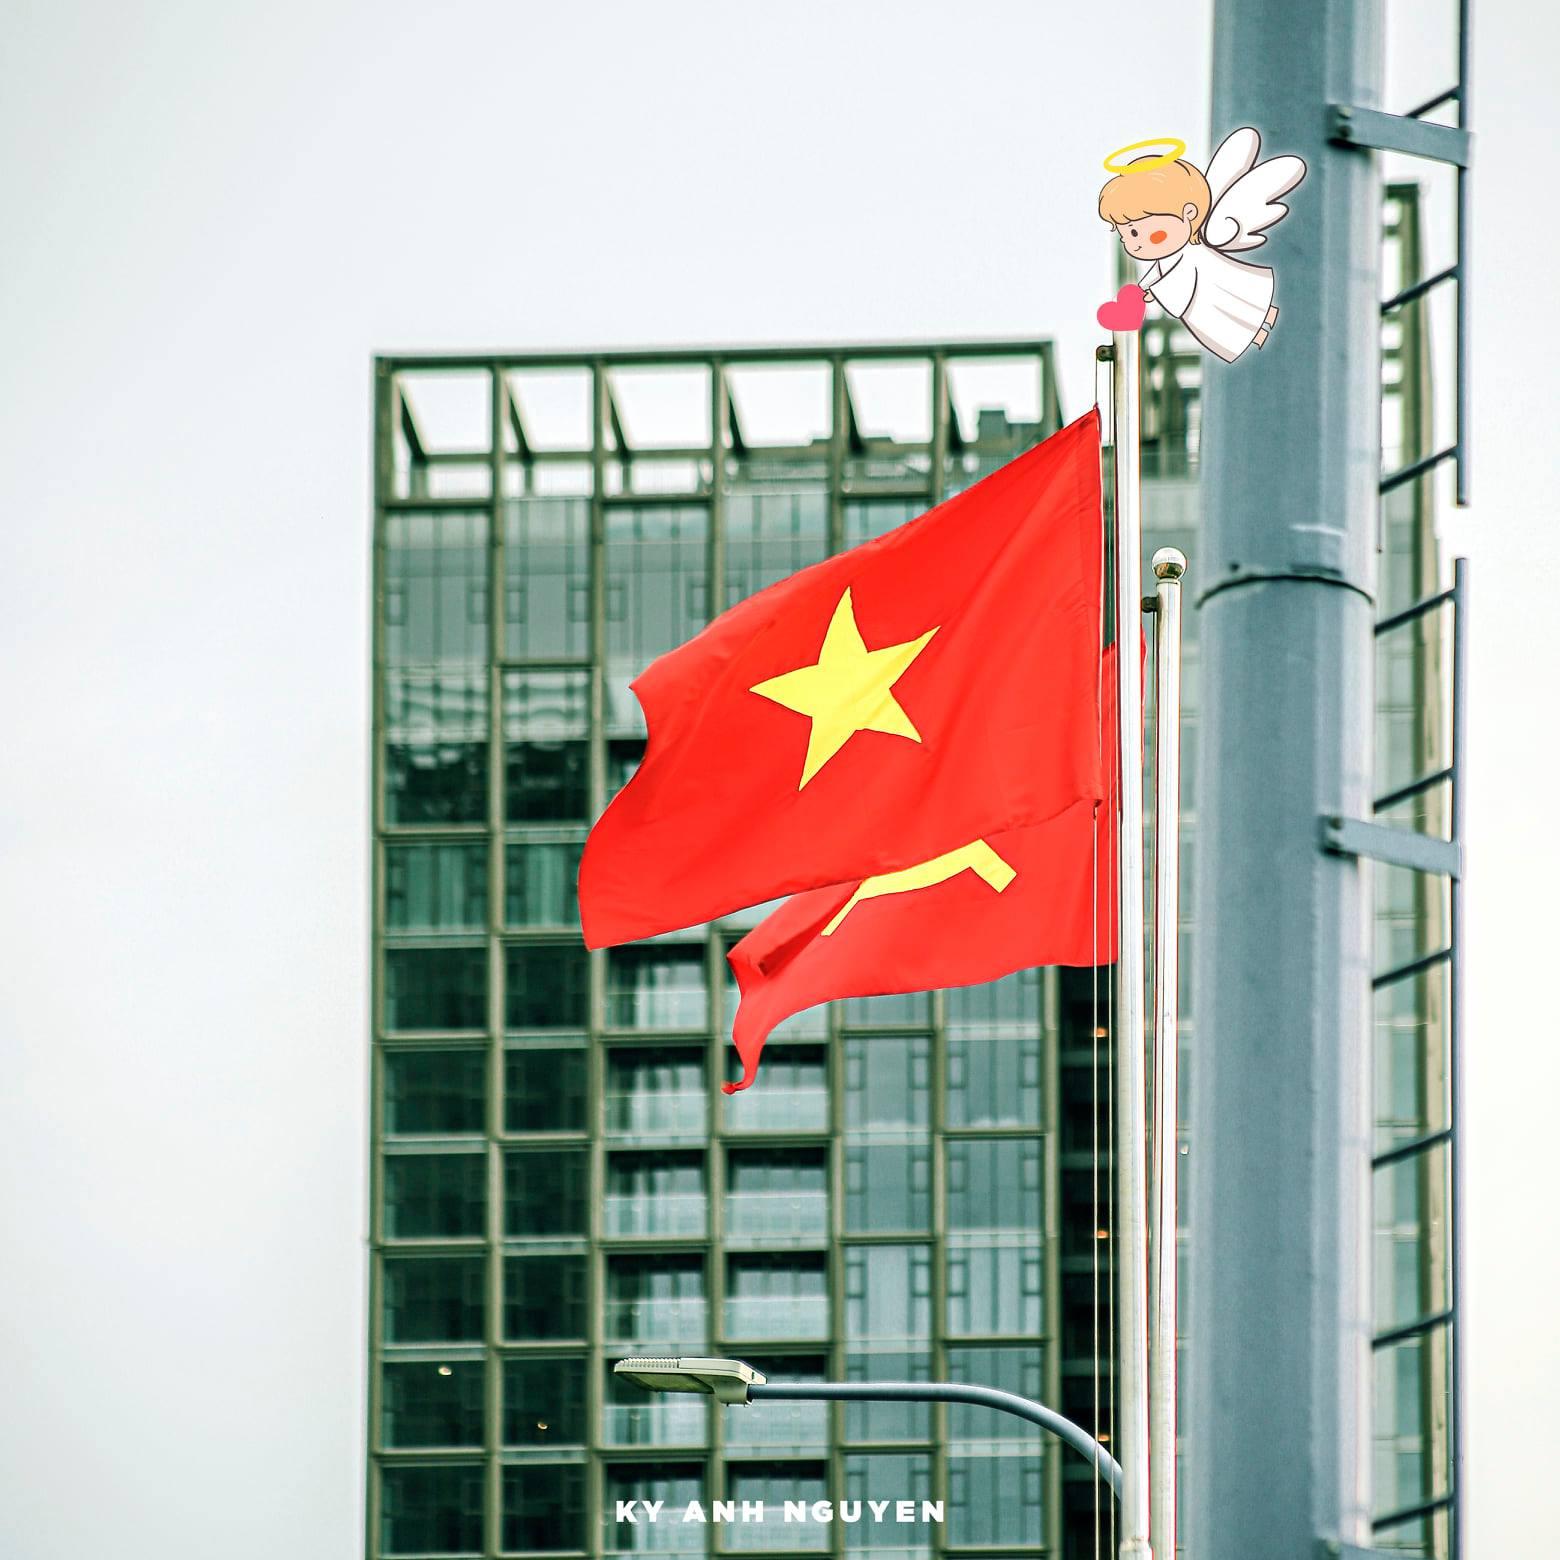 bộ ảnh Sài Gòn mùa dịch của Nguyễn Kỳ Anh